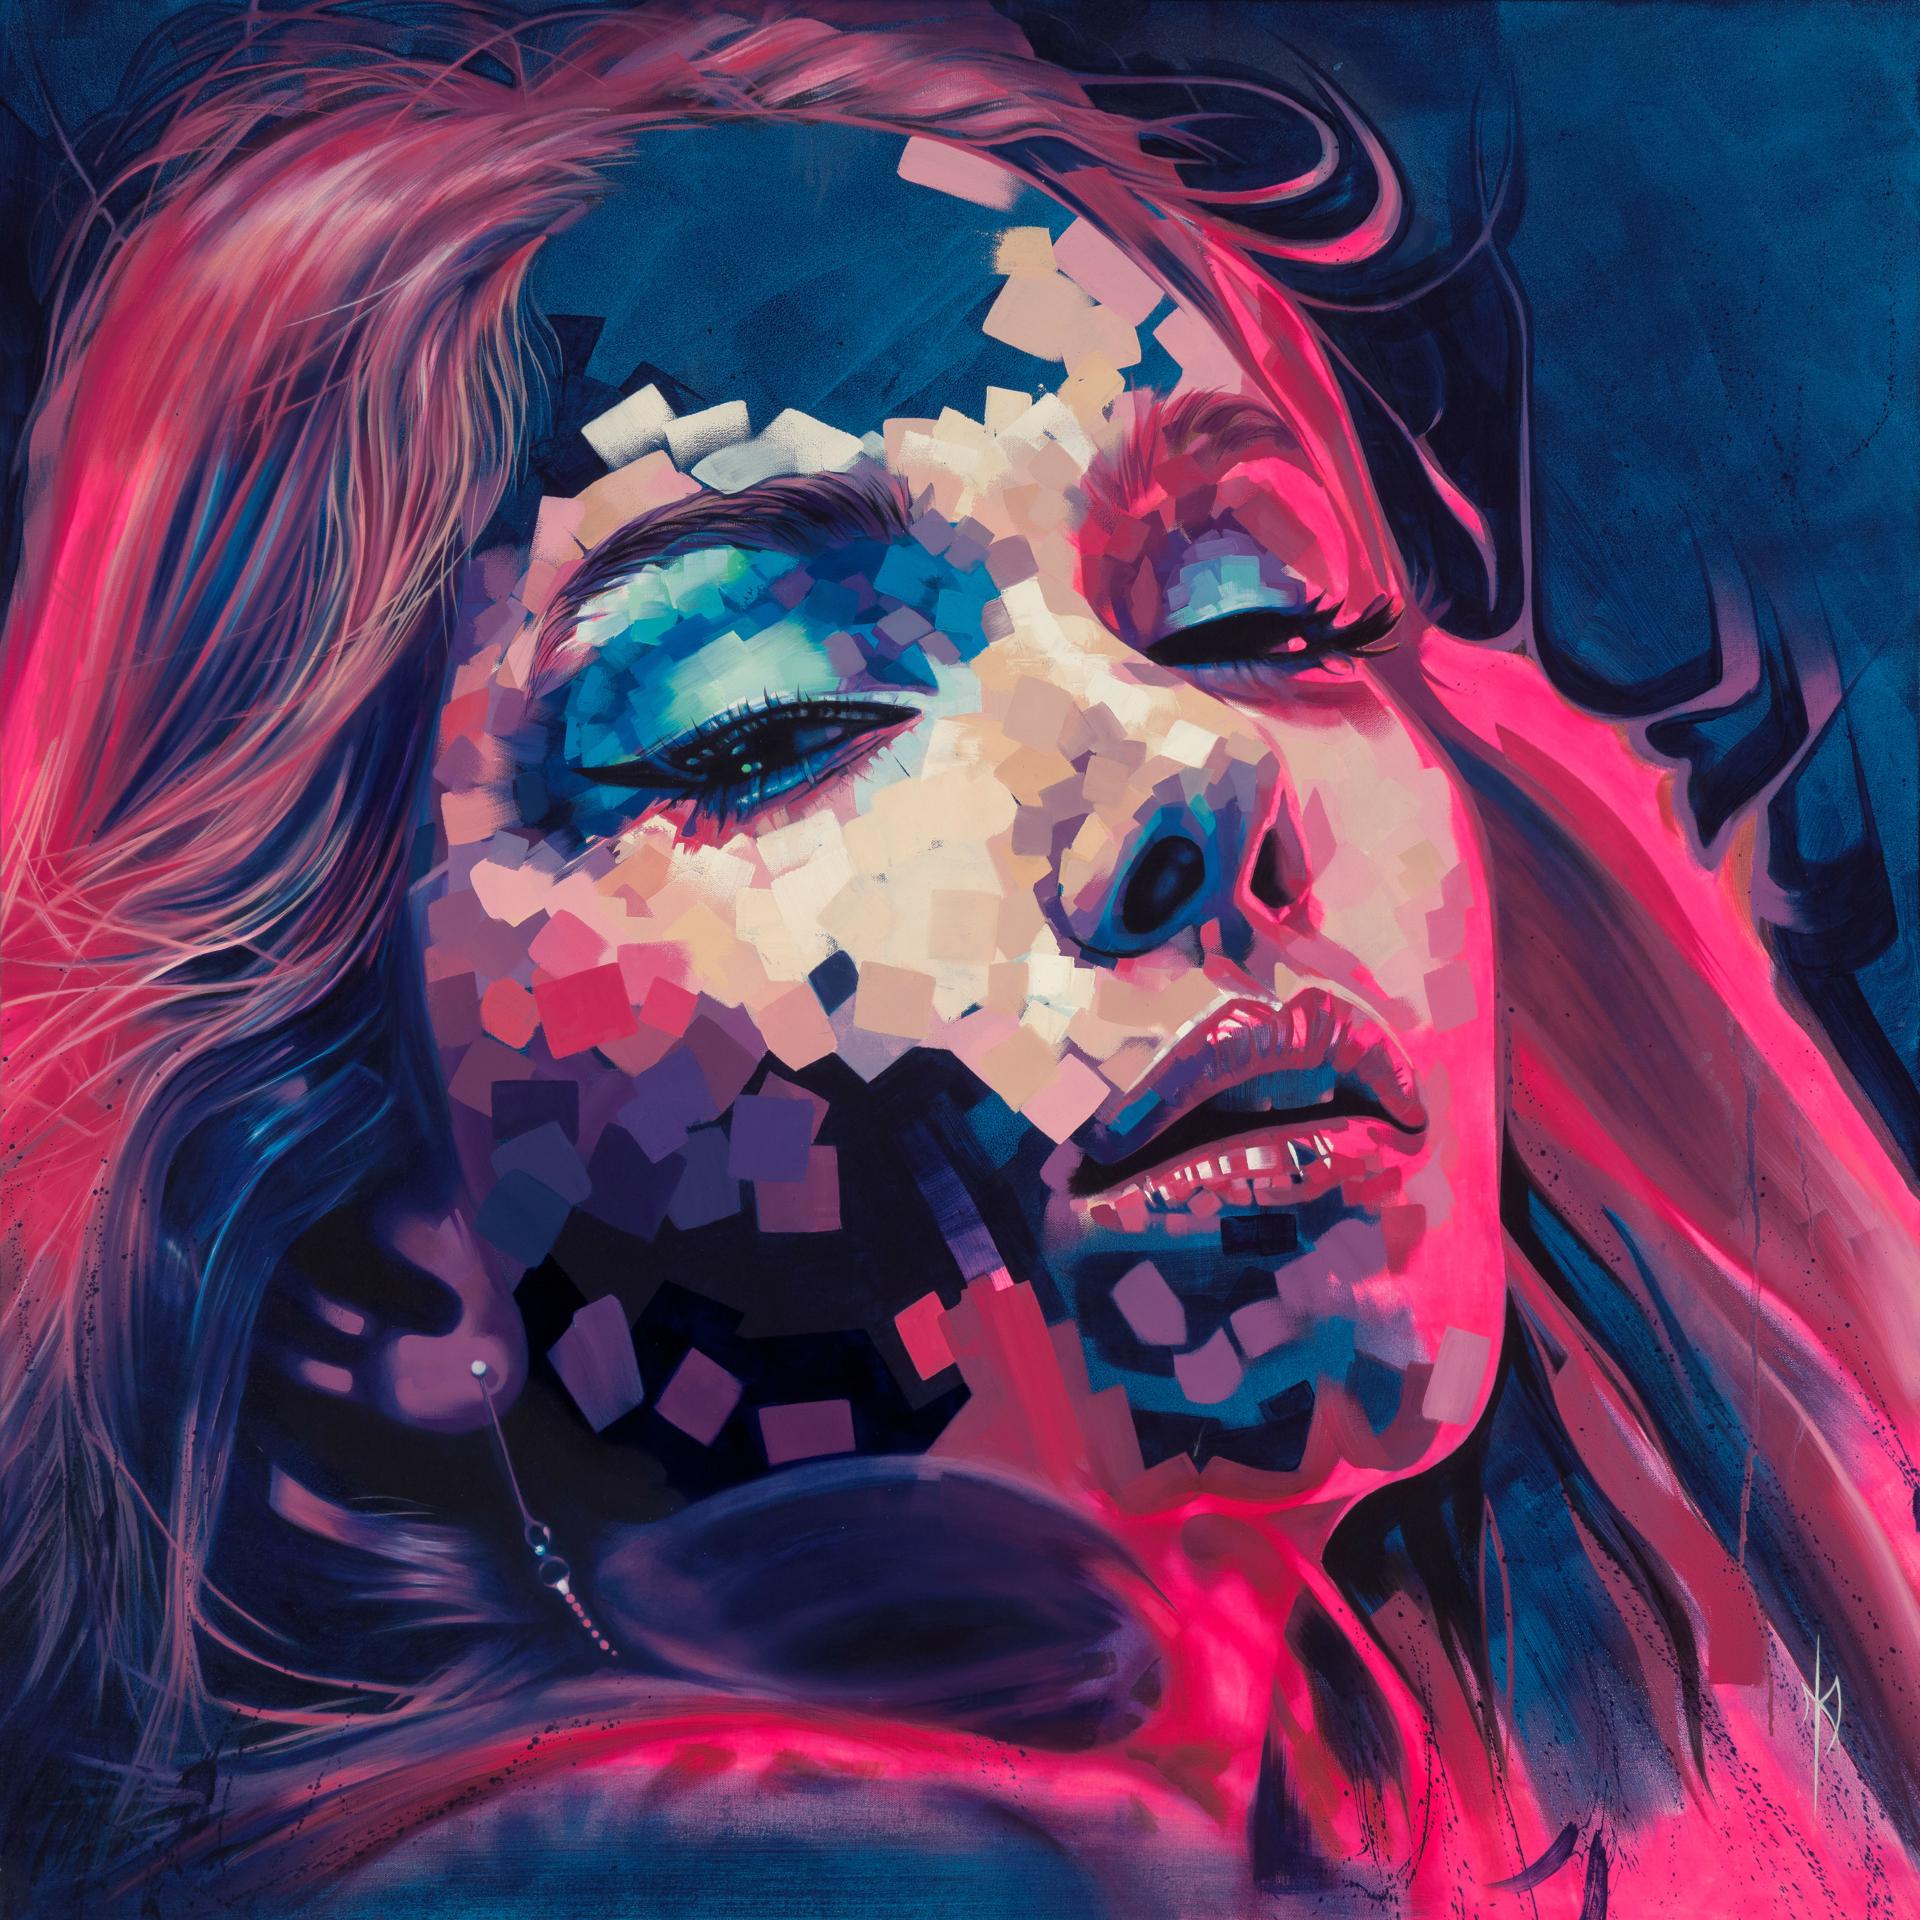 Neon Dreams by Michelle Kohler